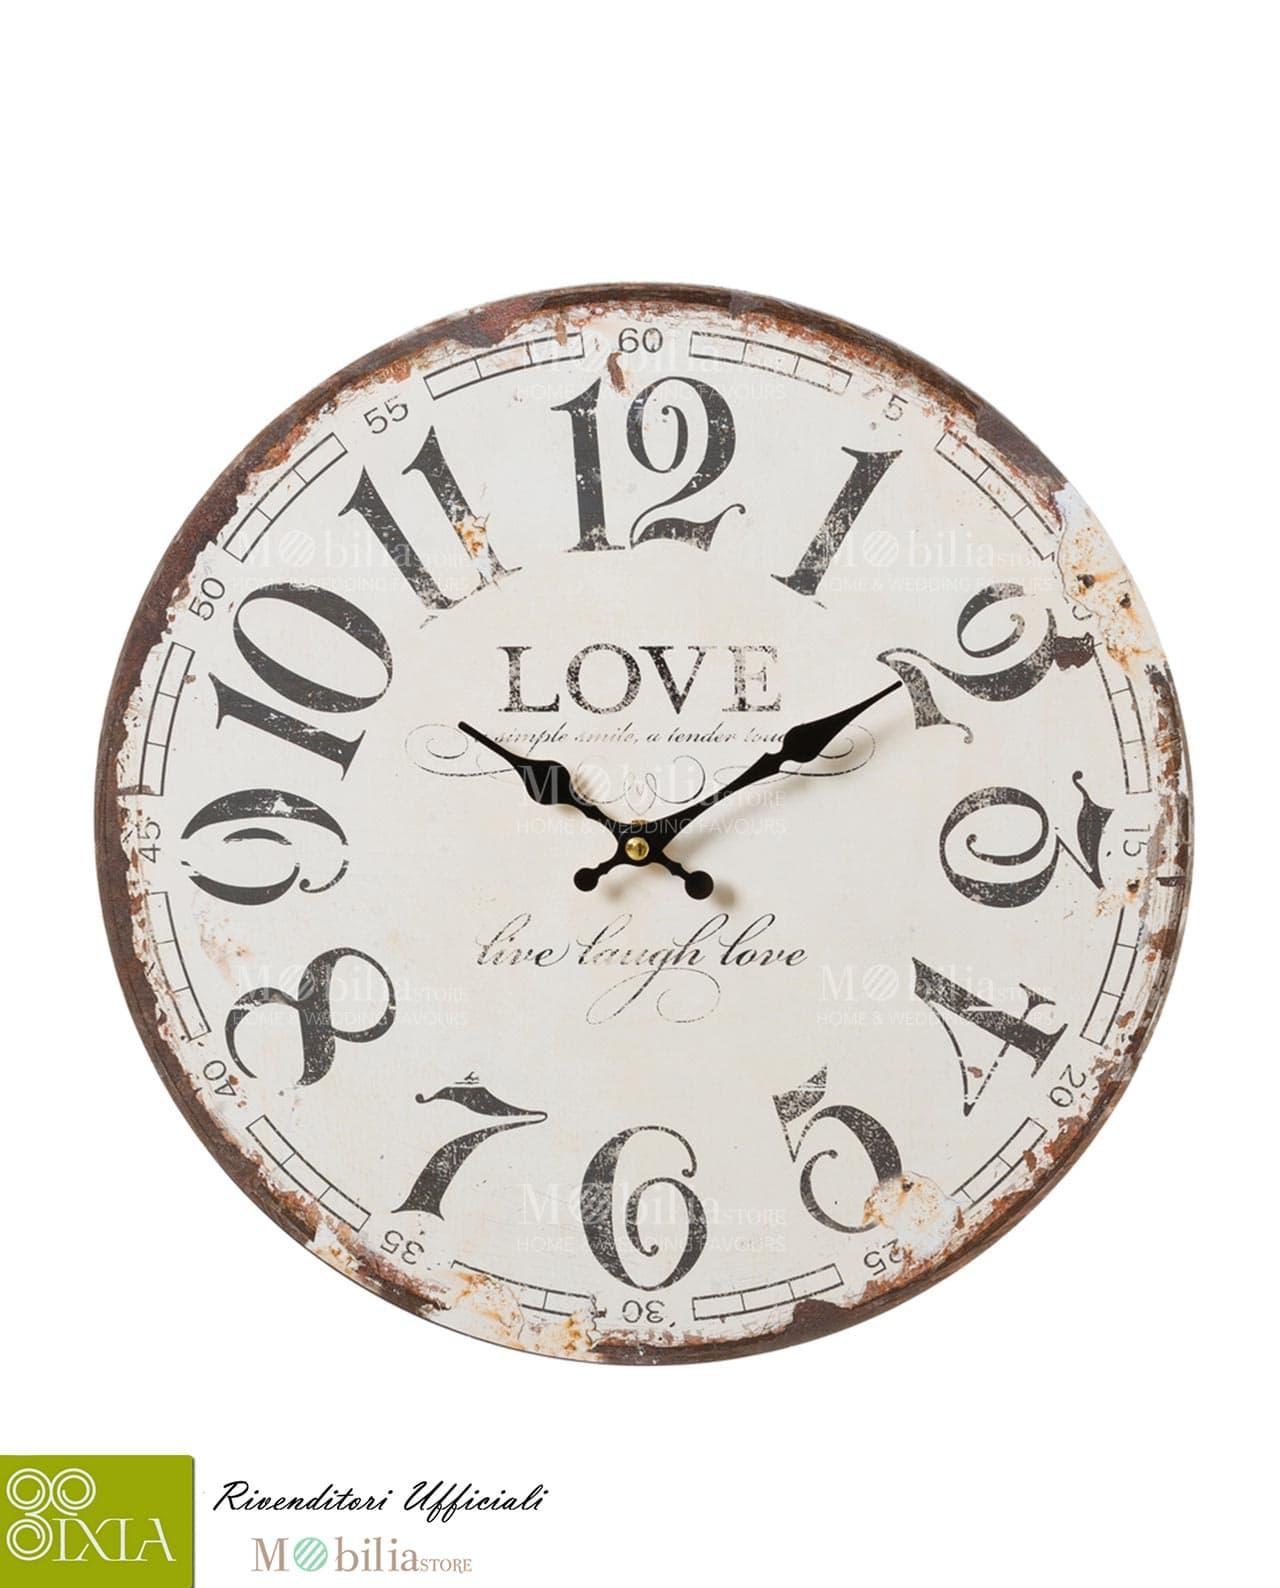 Orologio da parete vintage ixia mobilia store home favours for Mobilia recensioni